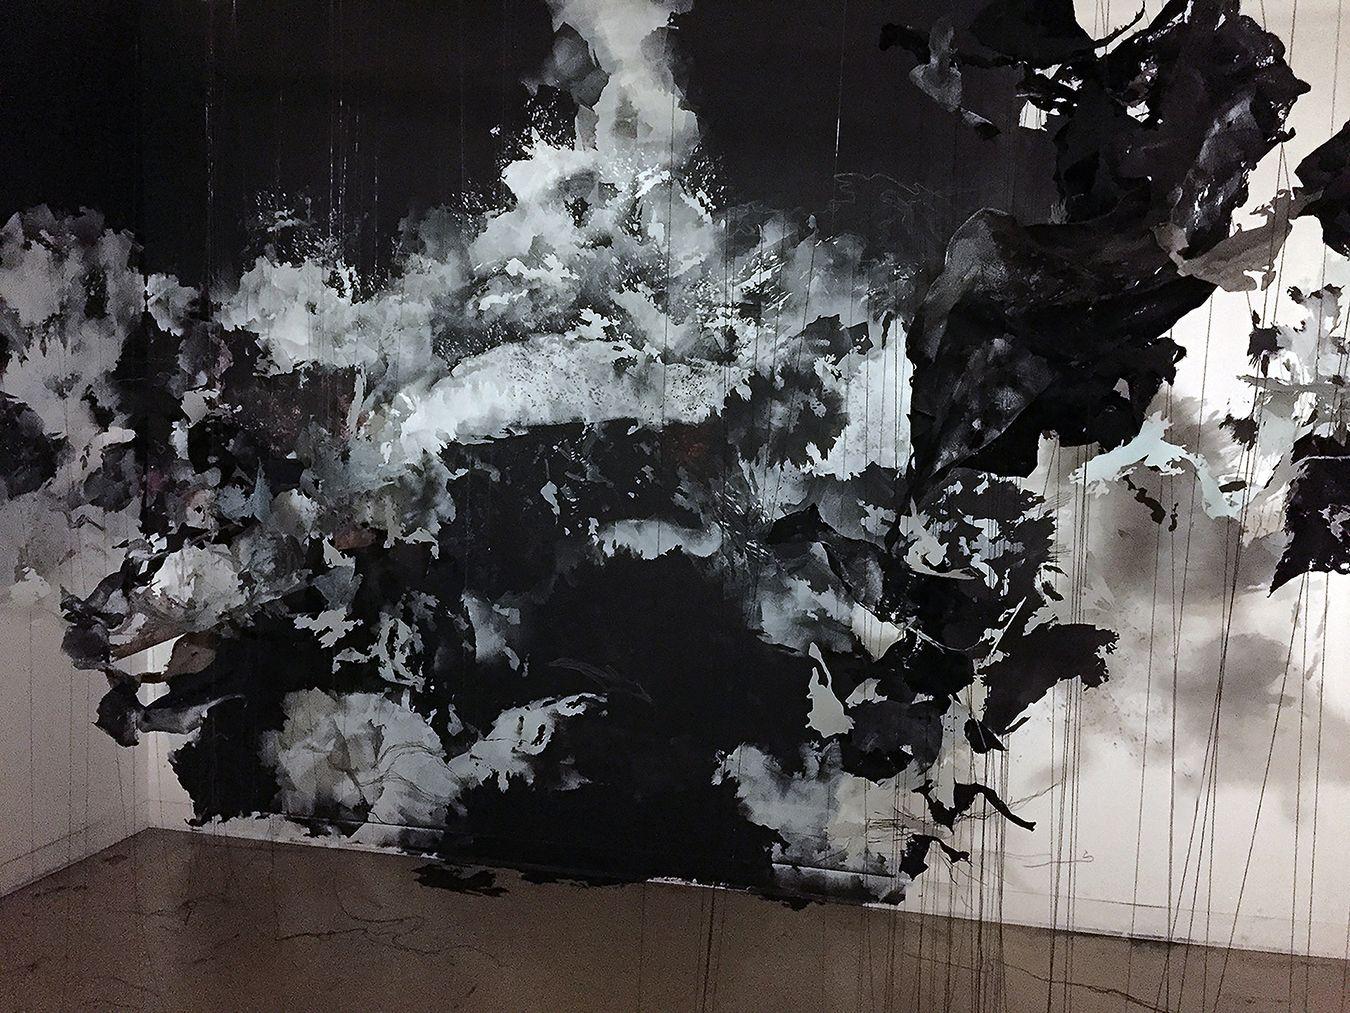 """JOWITA WYSZOMIRSKA  Przeswity, rozwidla (""""It grows and bifurcates until the whole"""") 2015, paint, Mylar, thread, felt, pins, 10 x 15 x 10 feet."""